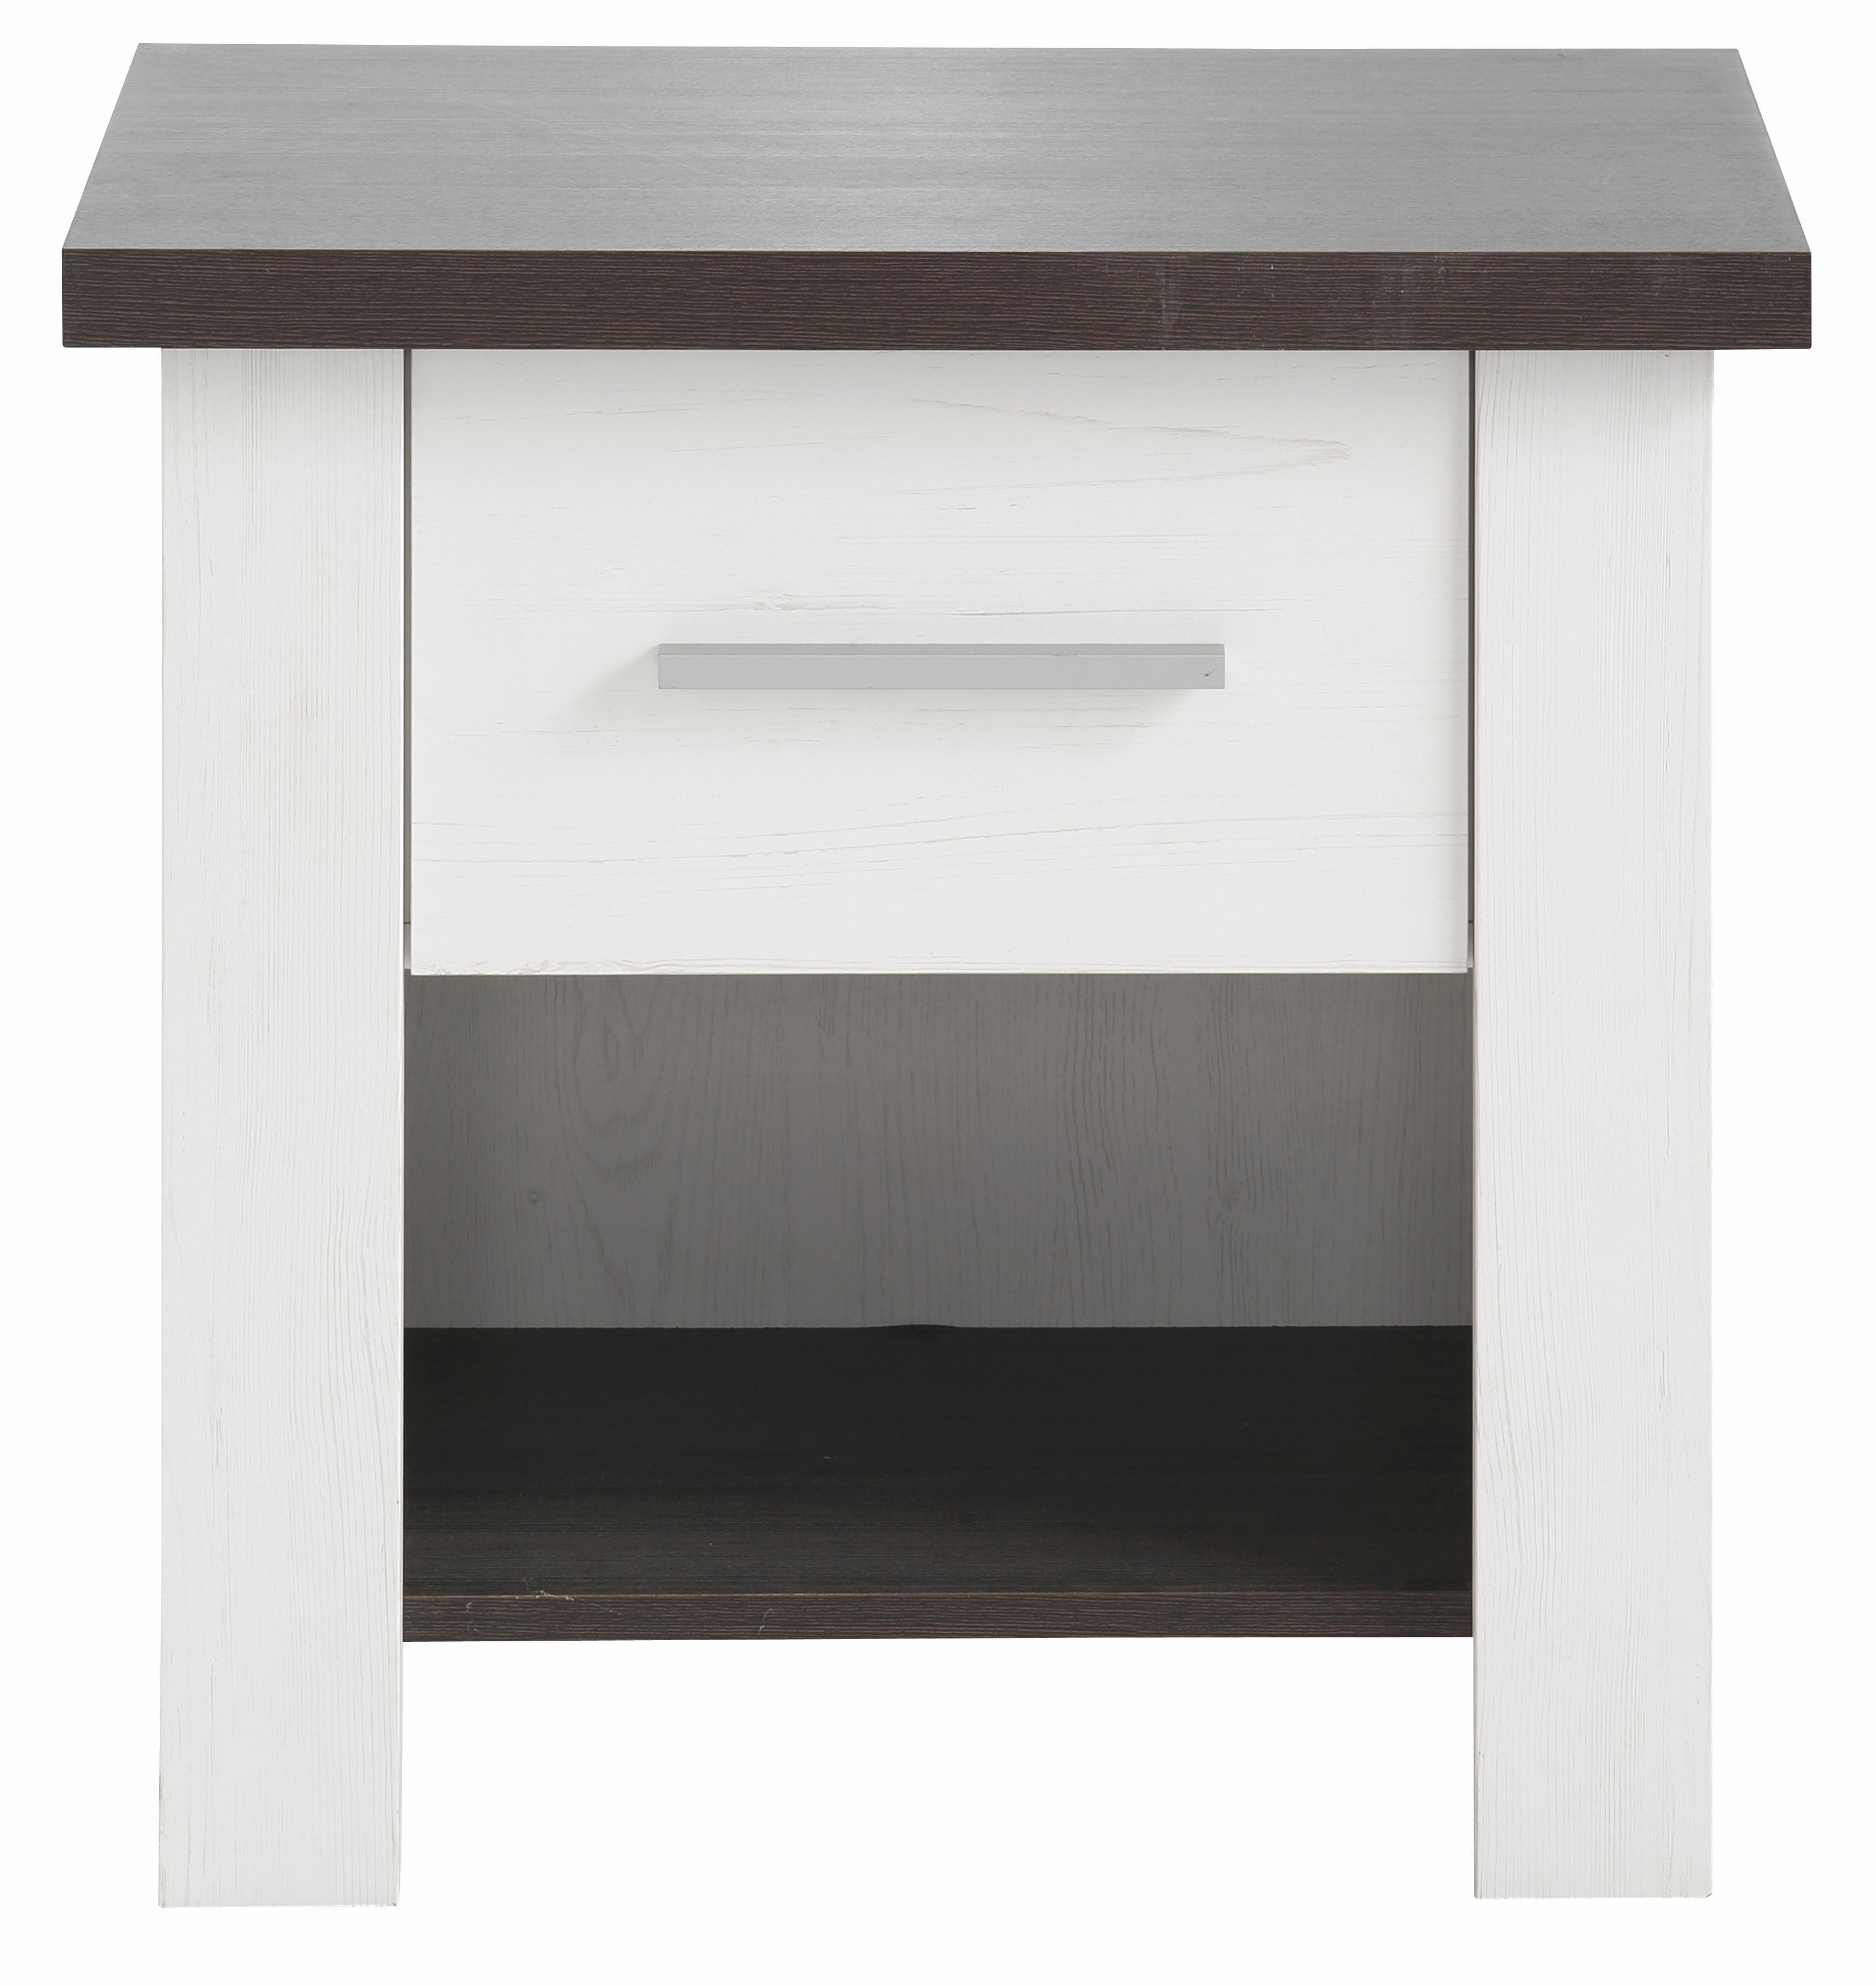 home affaire nachtkastje siena nu online kopen otto. Black Bedroom Furniture Sets. Home Design Ideas